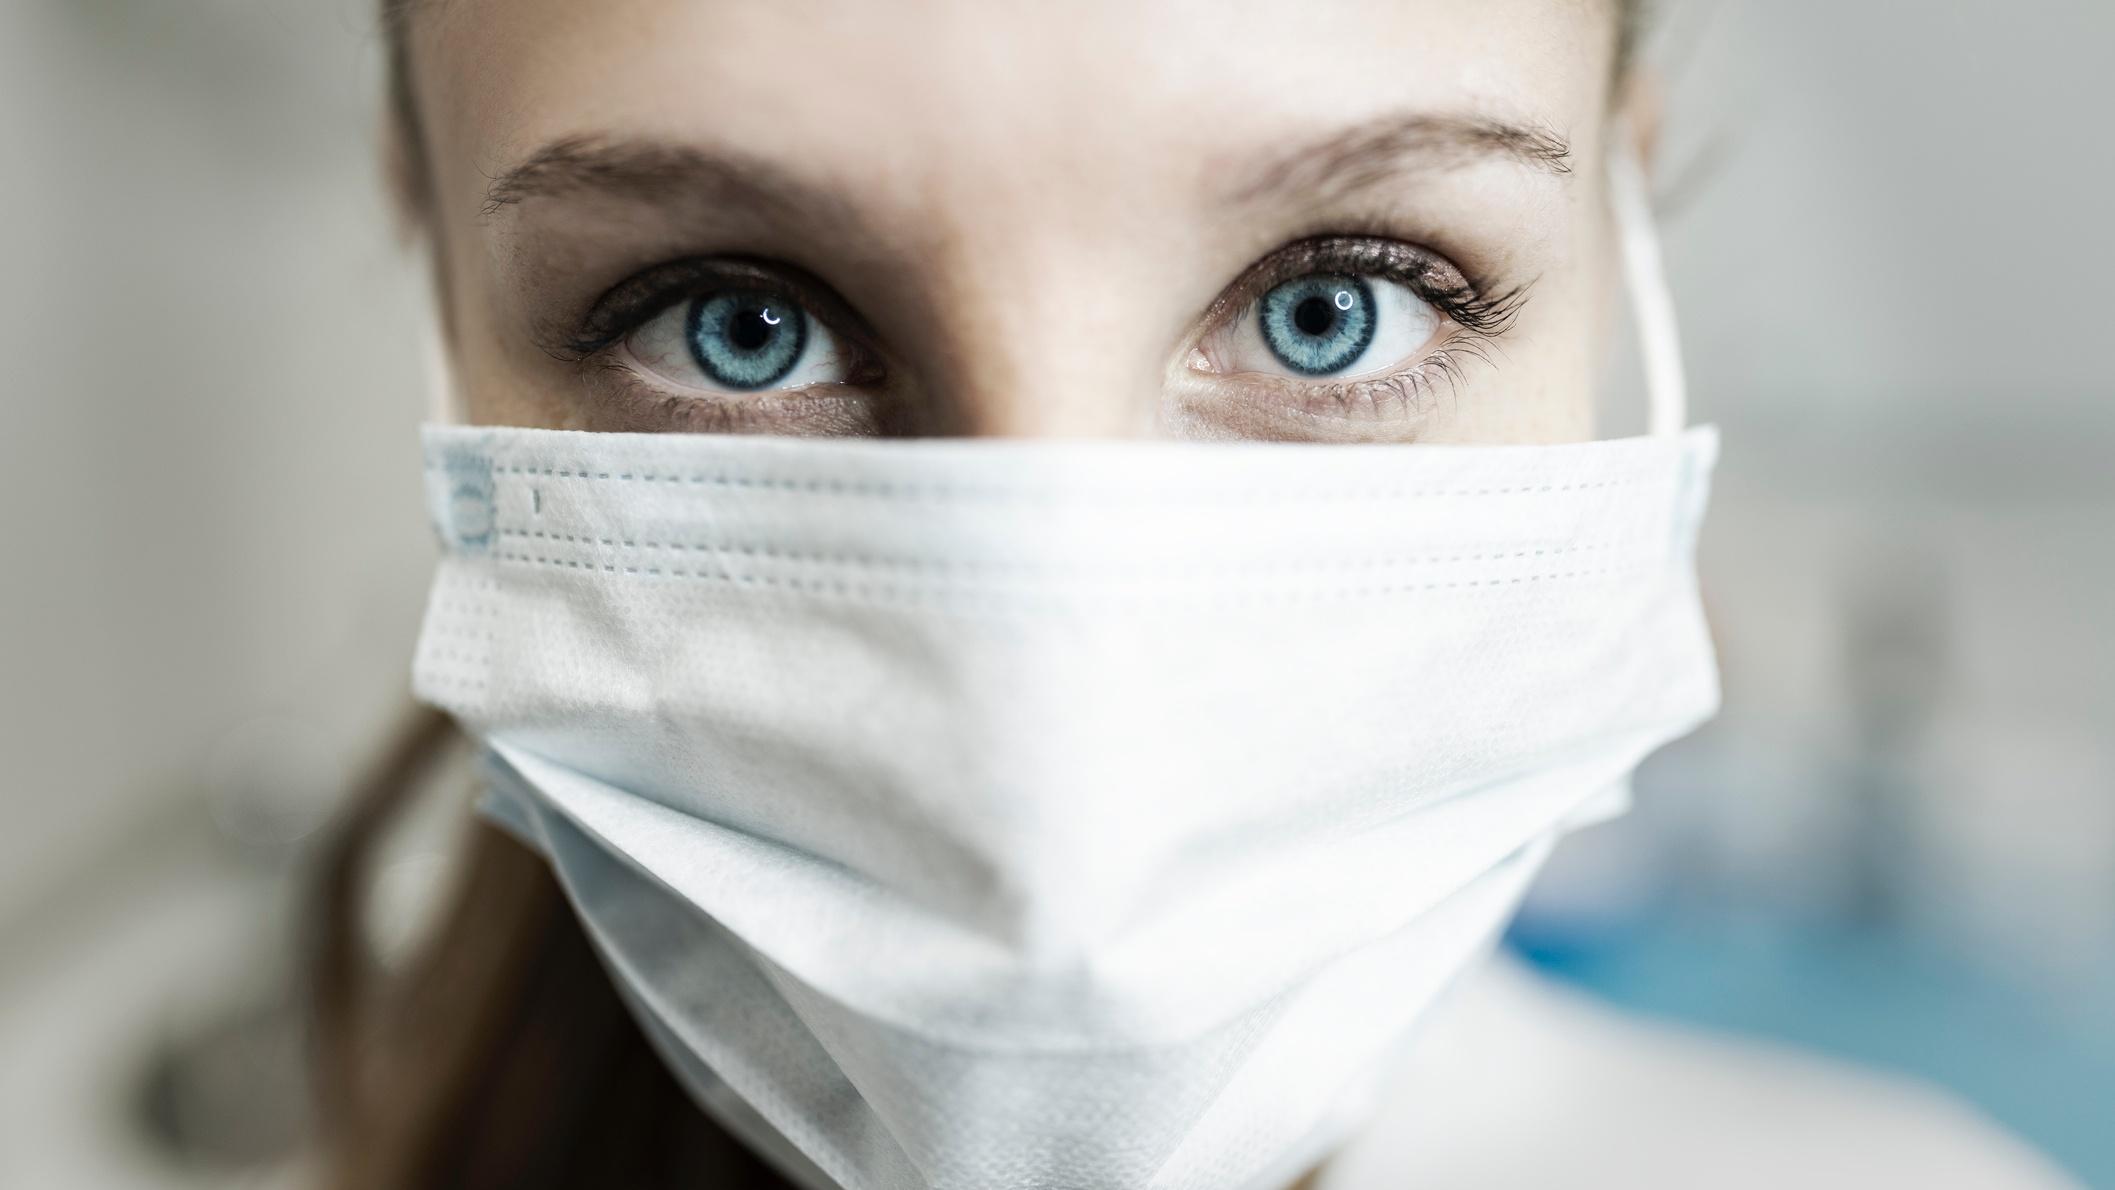 A szemen keresztül is bejuthat a szervezetbe. a koronavírus